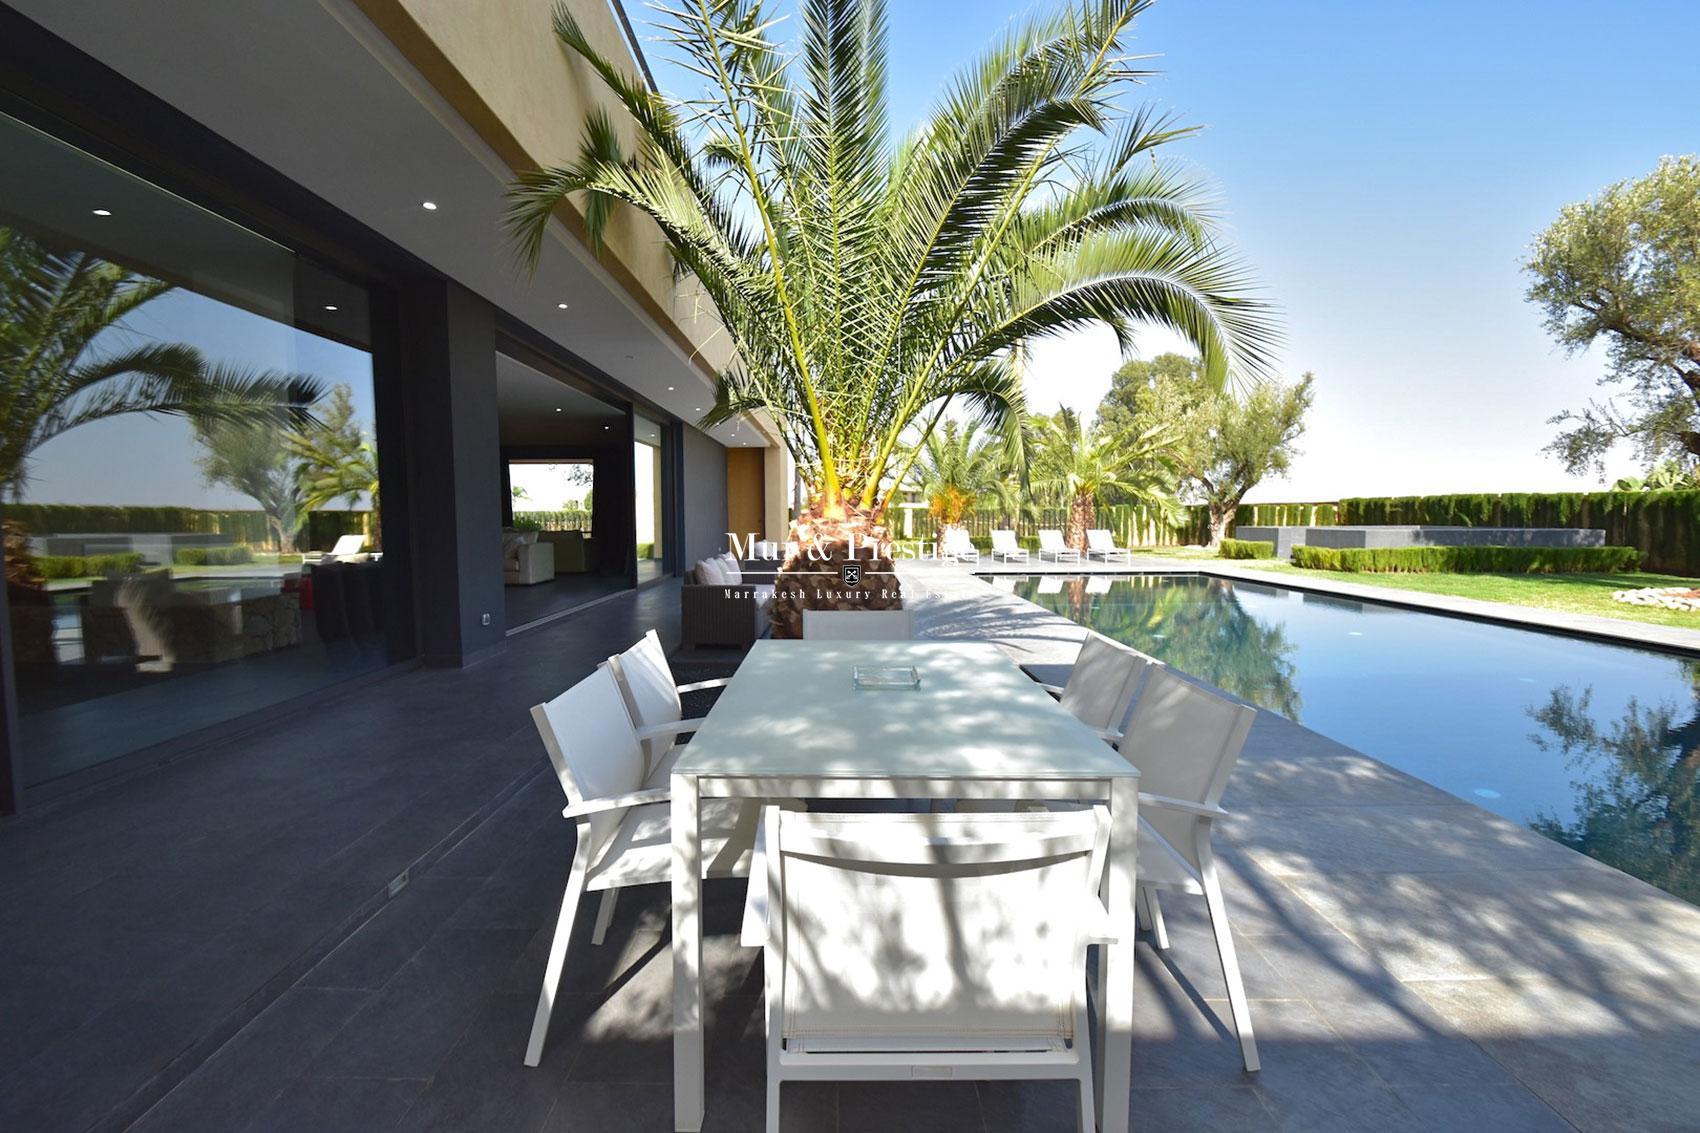 Achat d'une villa de luxe a Marrakech